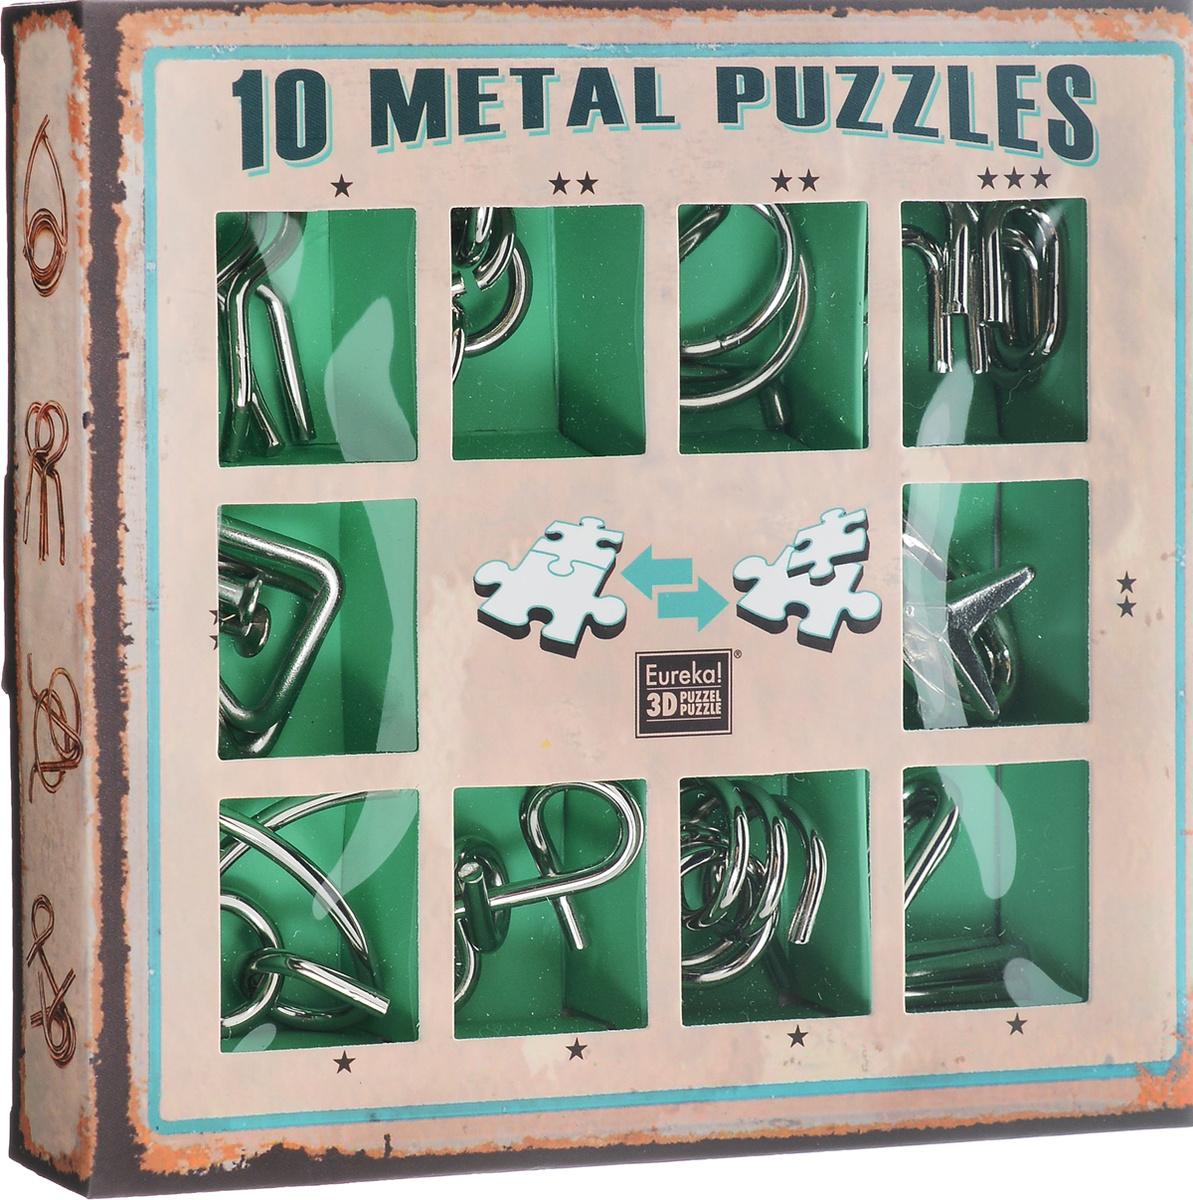 Eureka! Набор головоломок цвет зеленый 10 шт #1